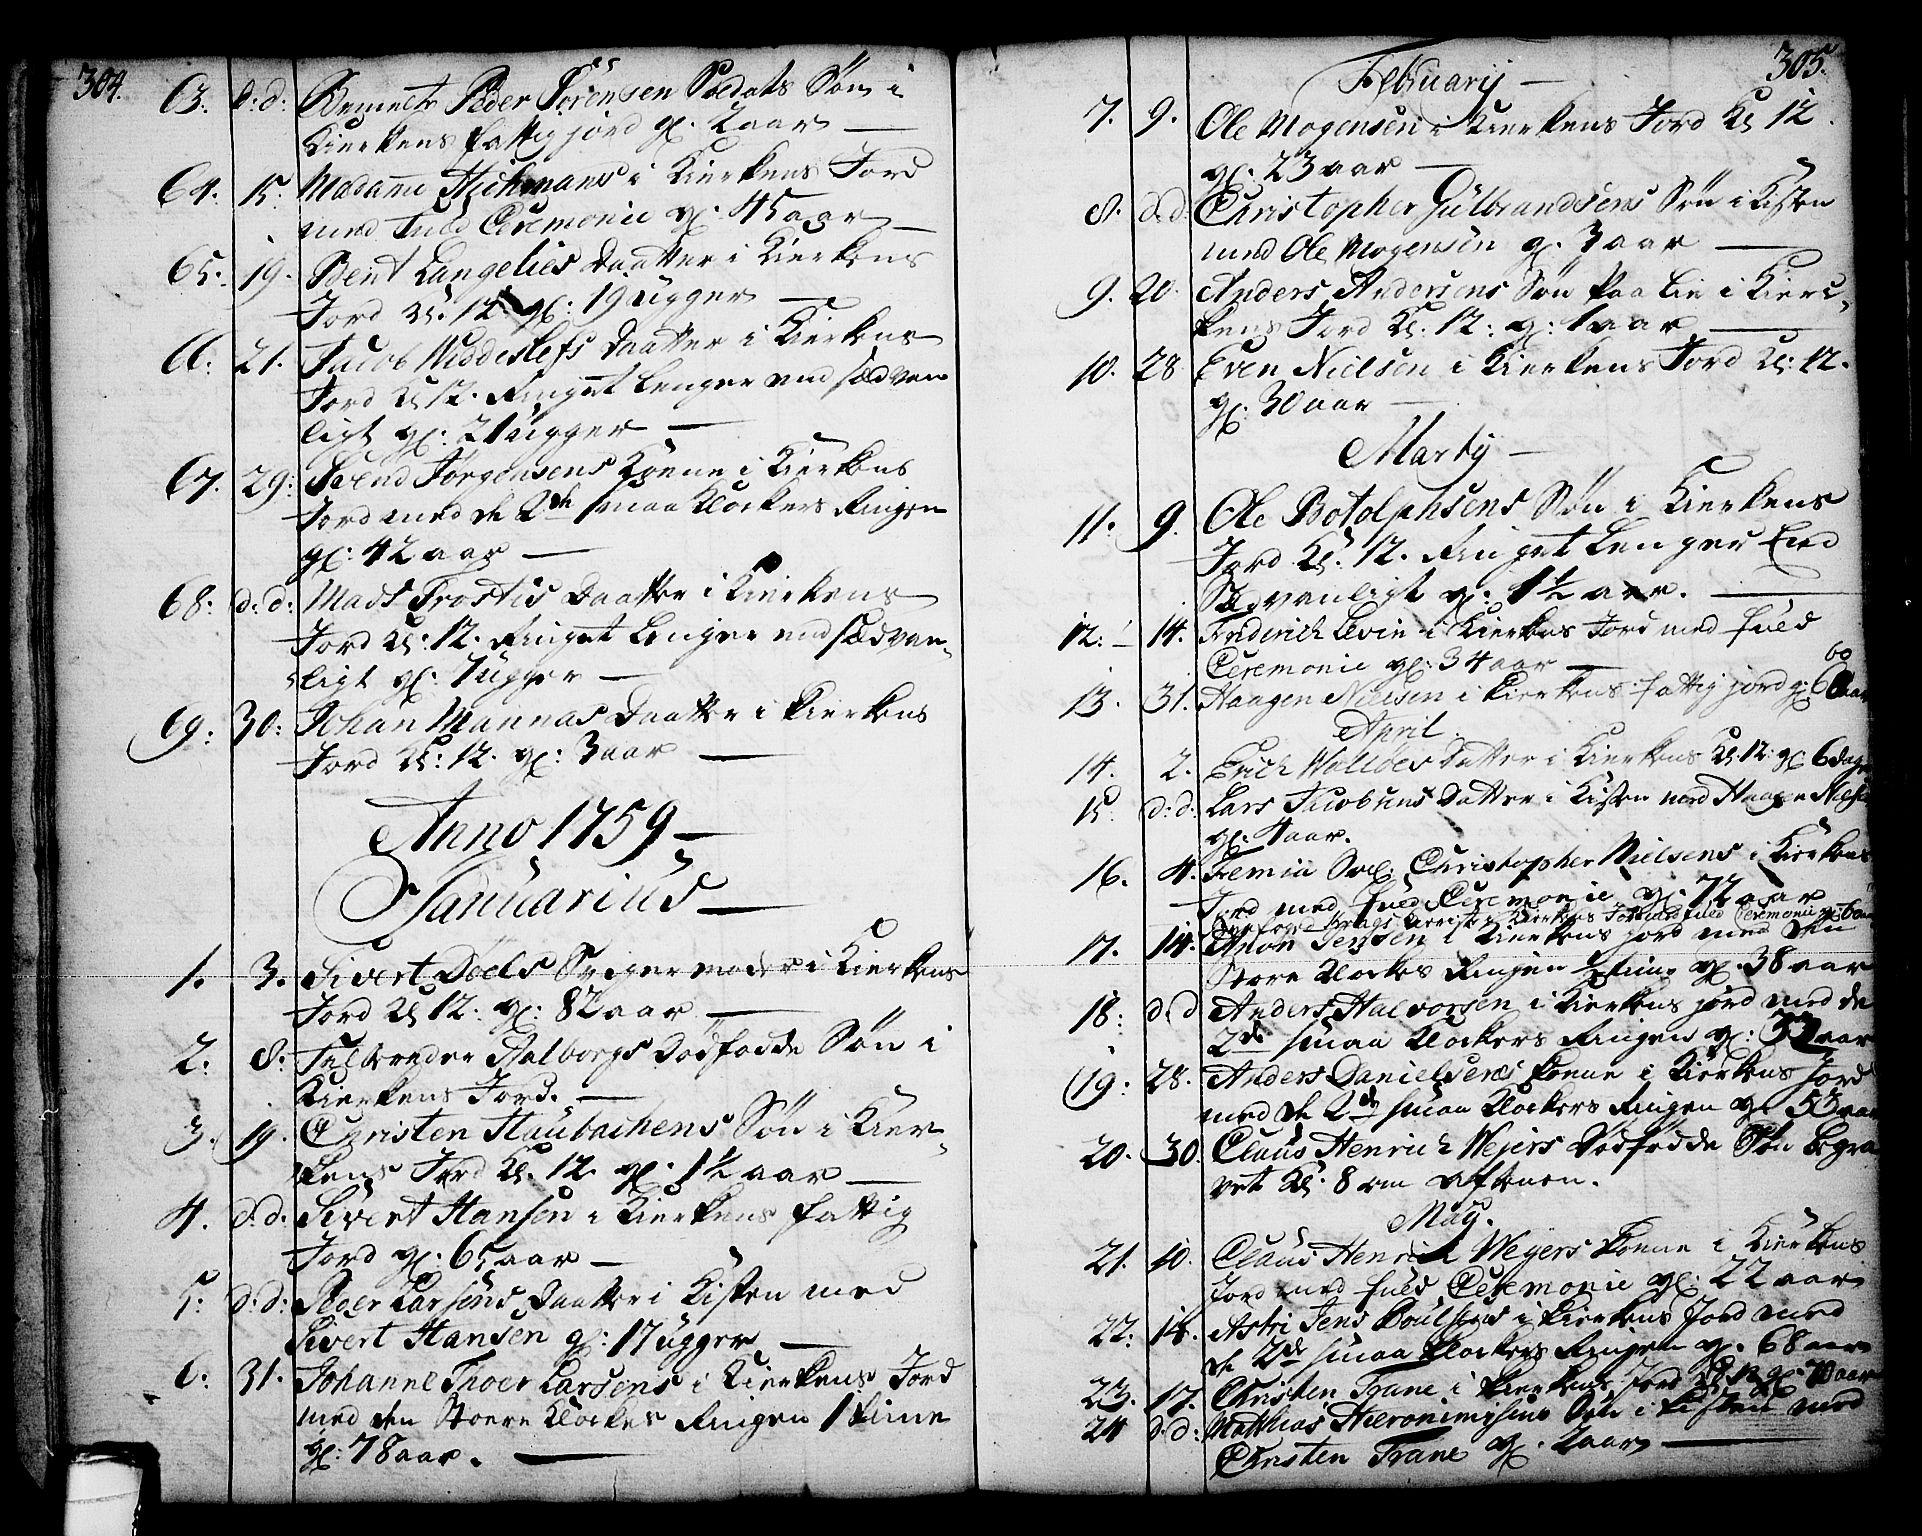 SAKO, Skien kirkebøker, F/Fa/L0003: Ministerialbok nr. 3, 1755-1791, s. 304-305